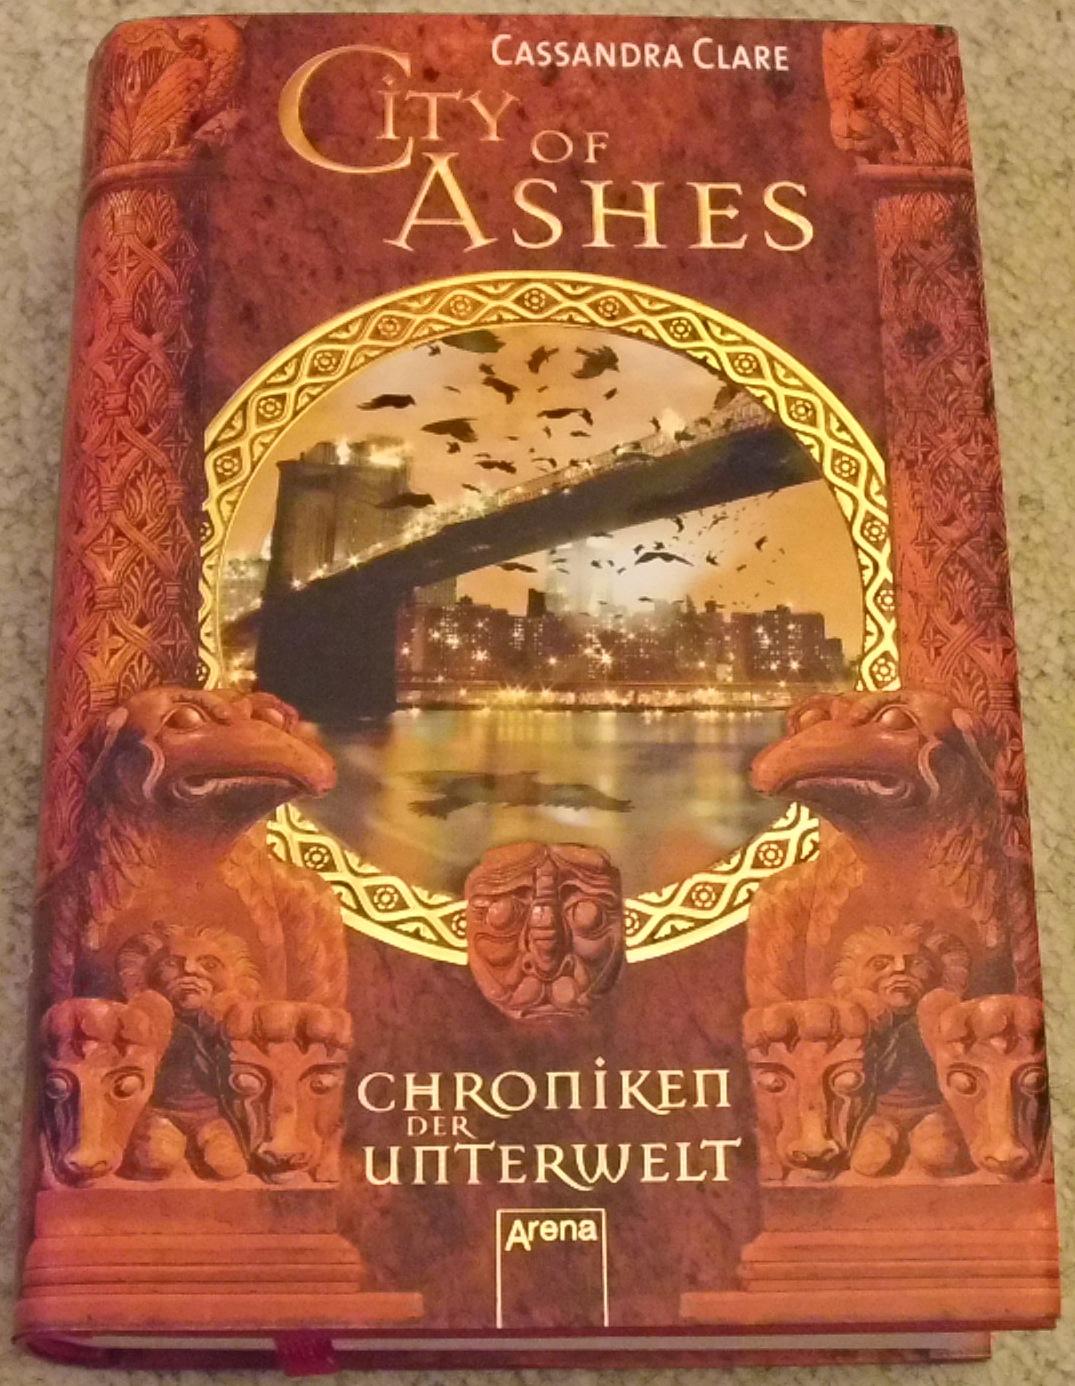 Chroniken Der Unterwelt City Of Ashes